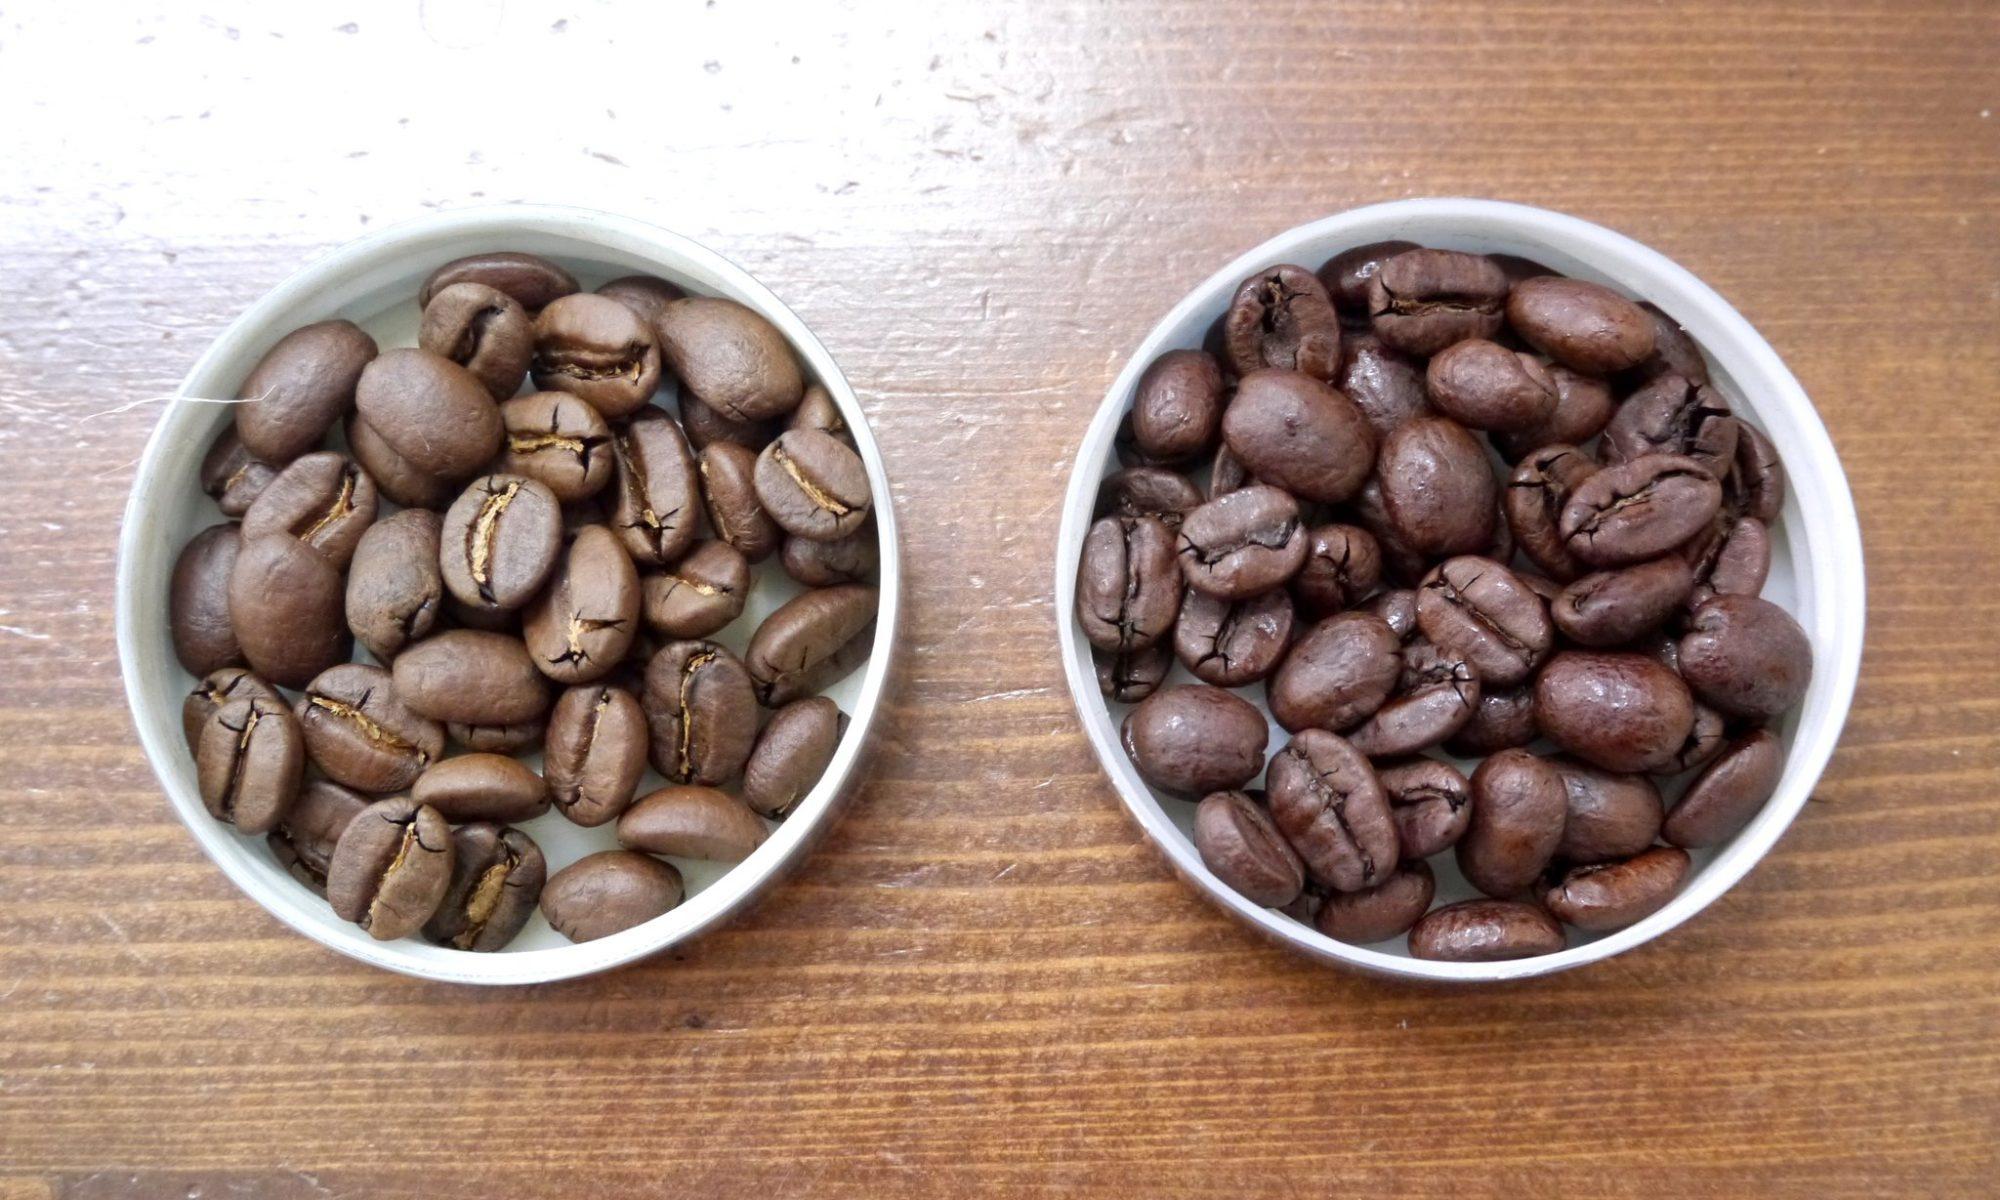 デカフェ(カフェインレスコーヒー)の焙煎豆